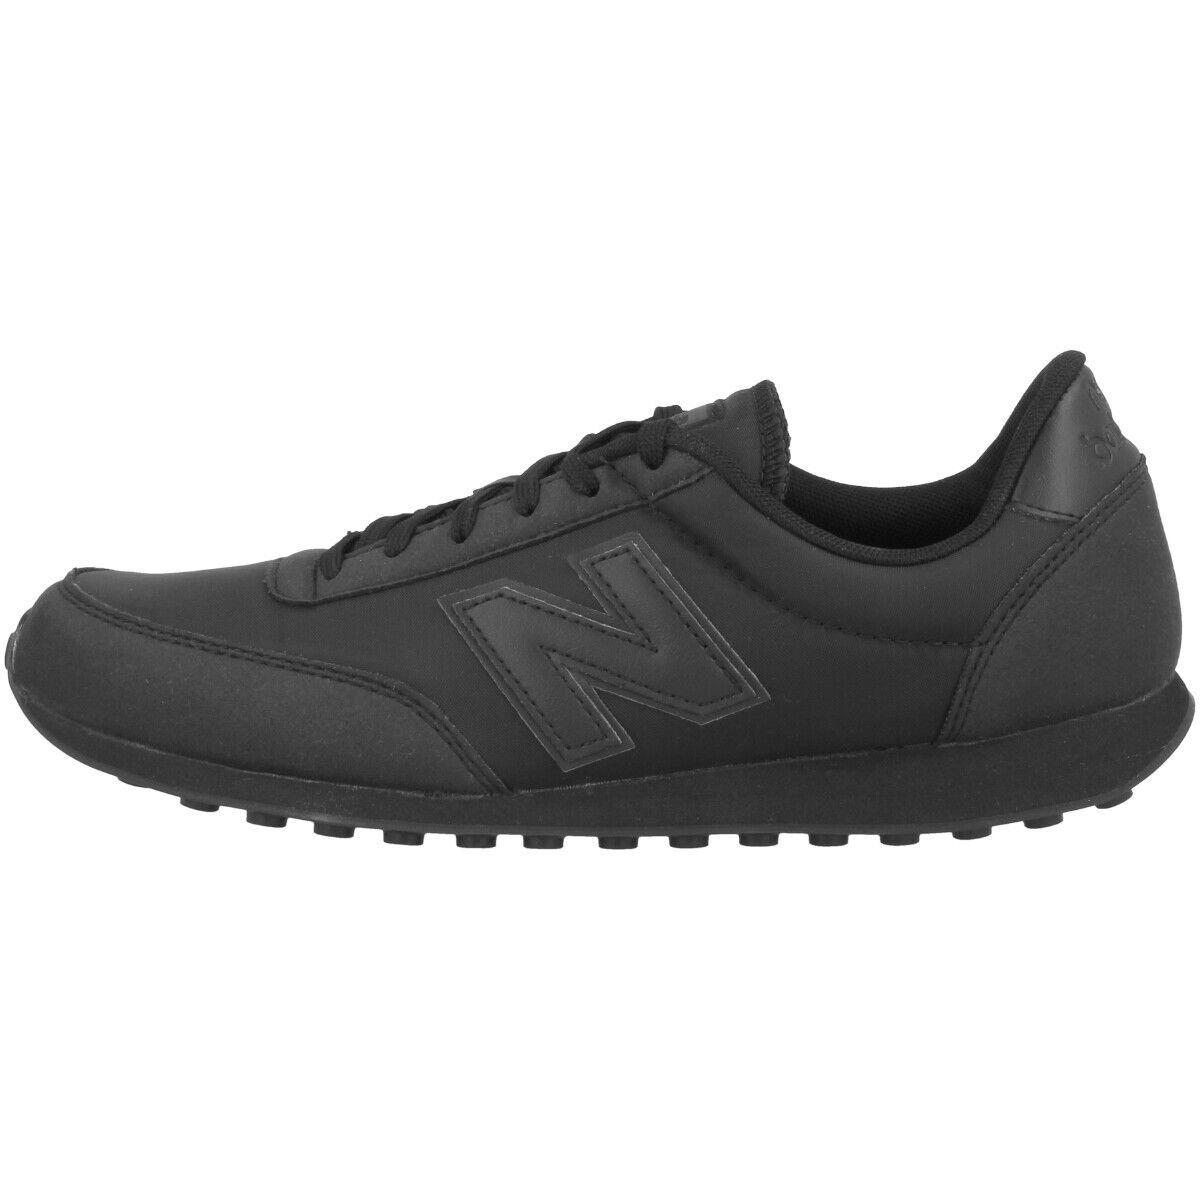 New Balance u 410 bbk zapatos deportivos ocio cortos zapatillas negro u410bbk